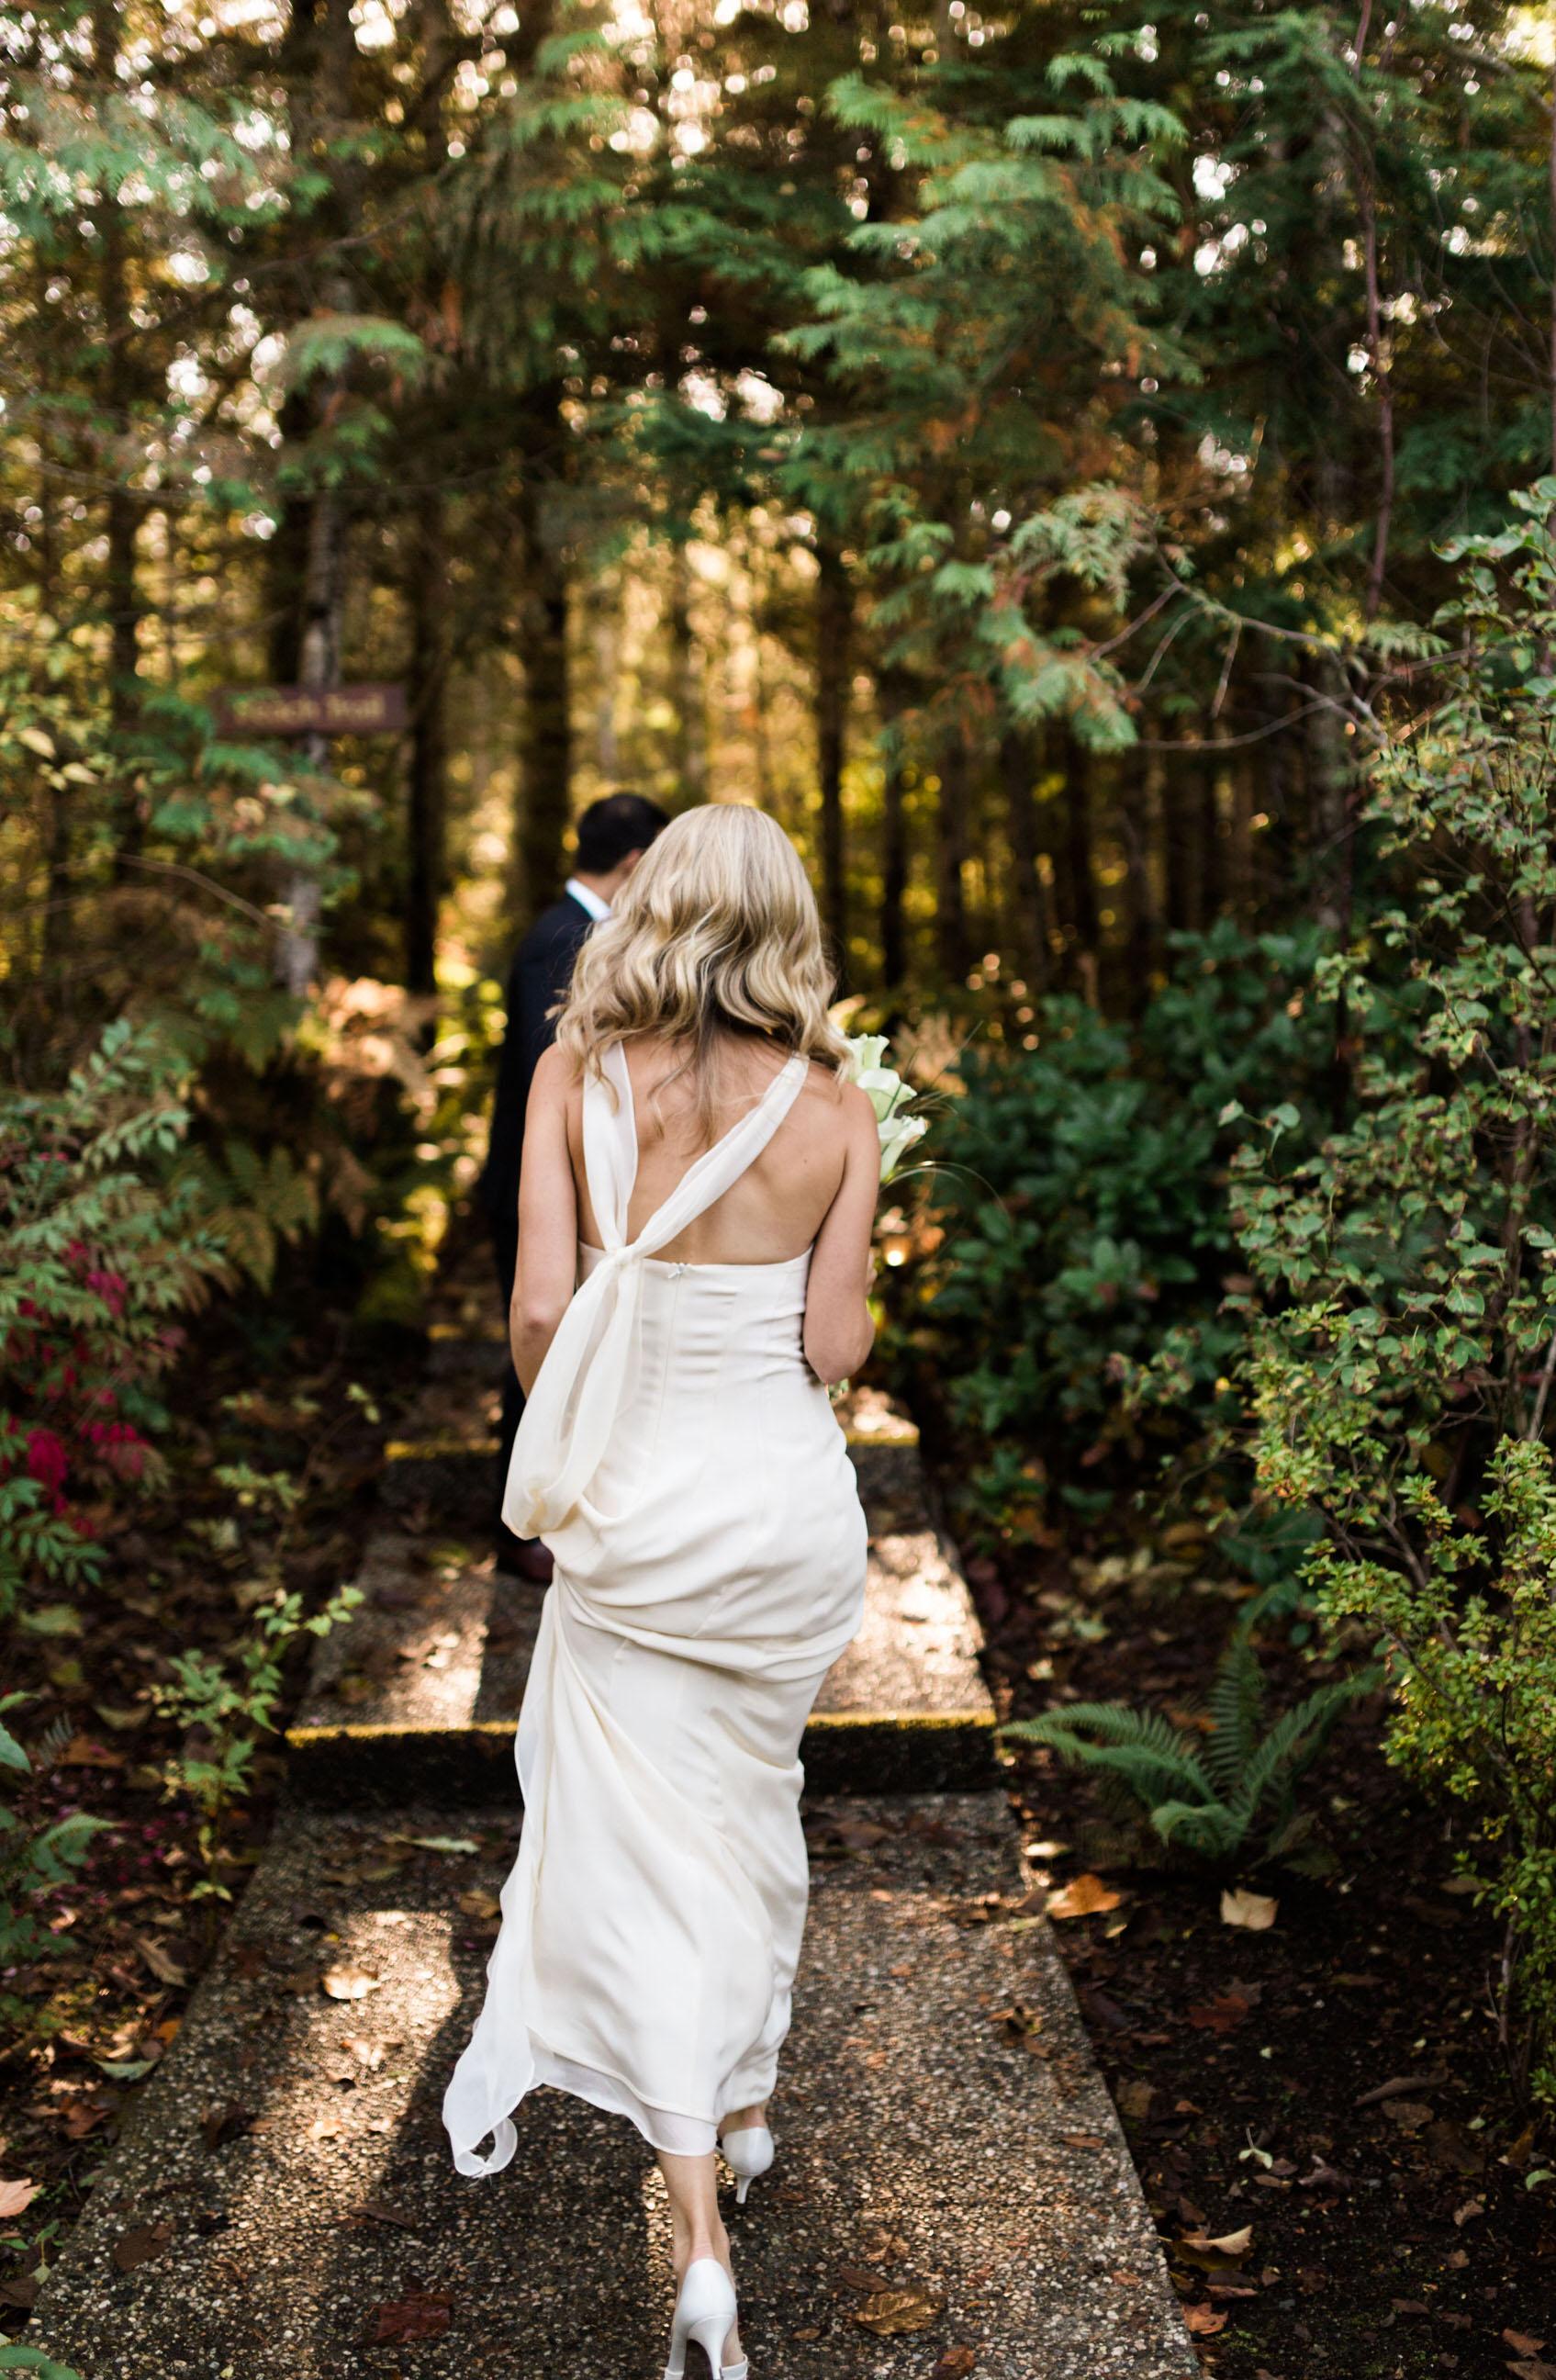 Sunshine Coast Wedding Photographer - Vancouver Wedding Photographer - West Coast Wilderness Lodge Wedding - Jennifer Picard Photography - IMG_7326_2.jpg